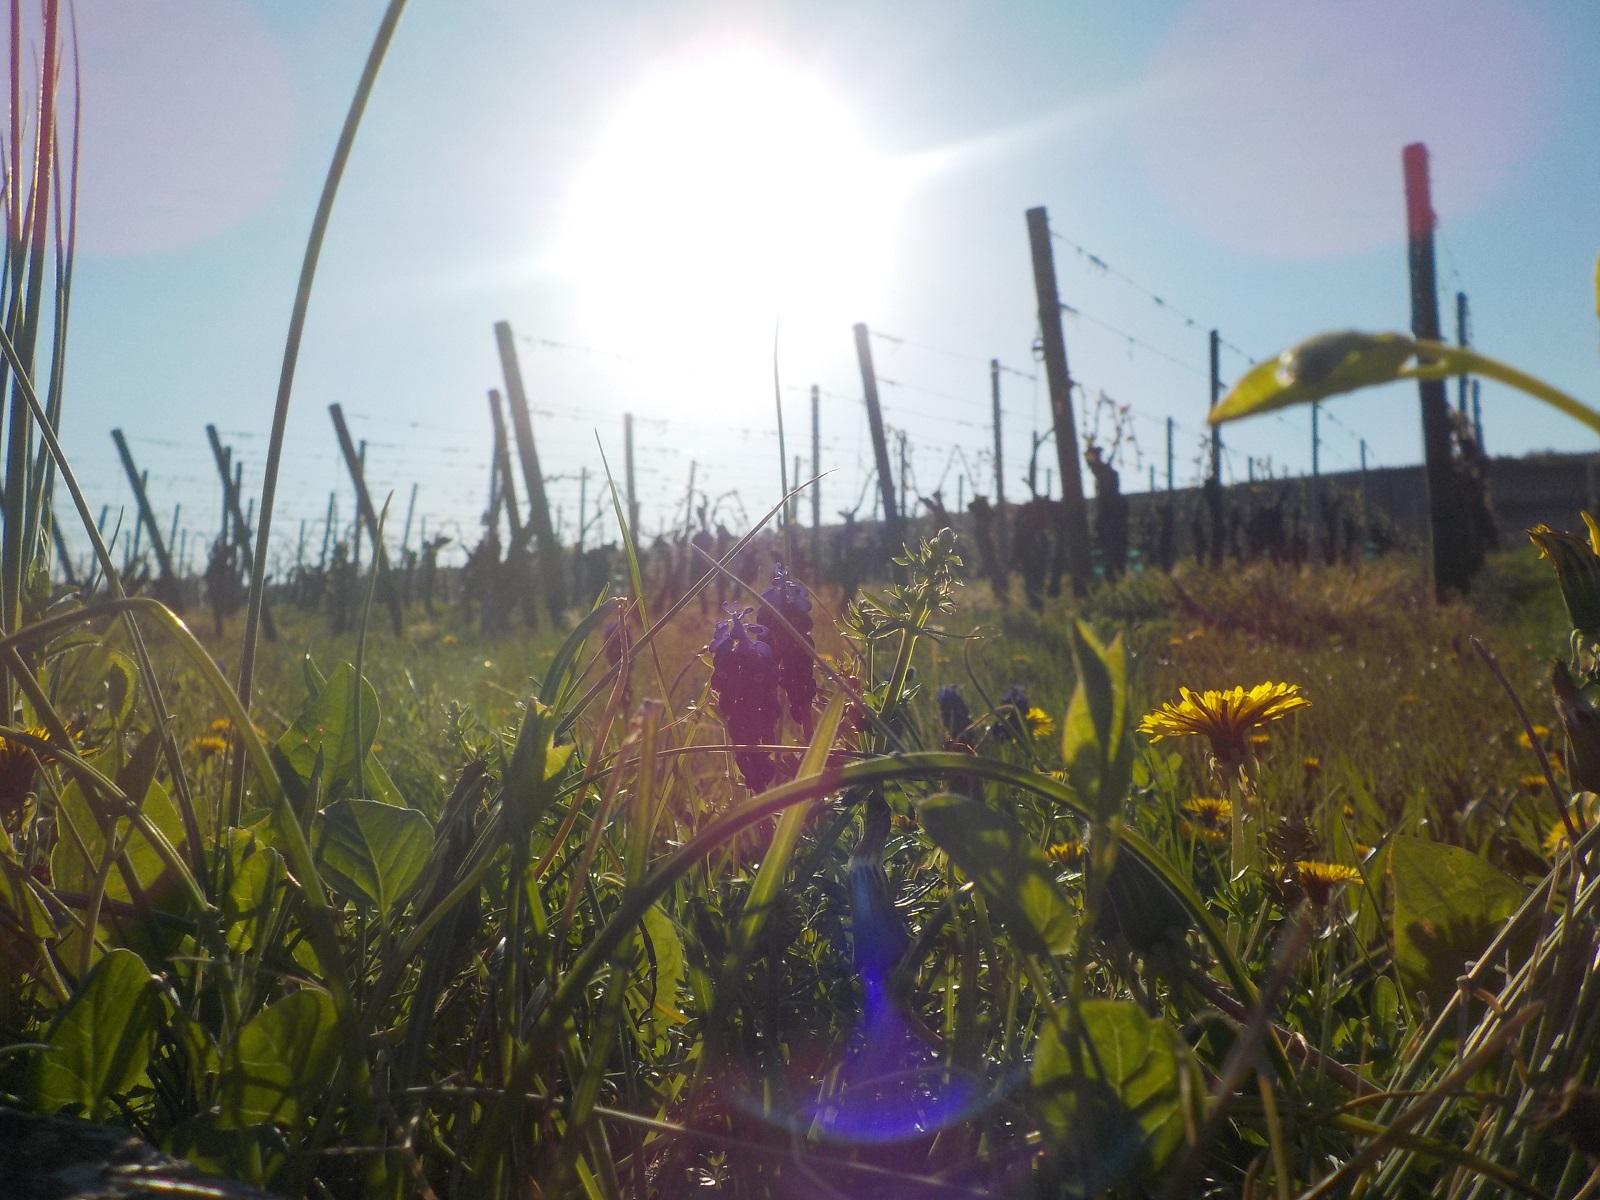 The Vineyard's Gastronomic Train : Strangenberg